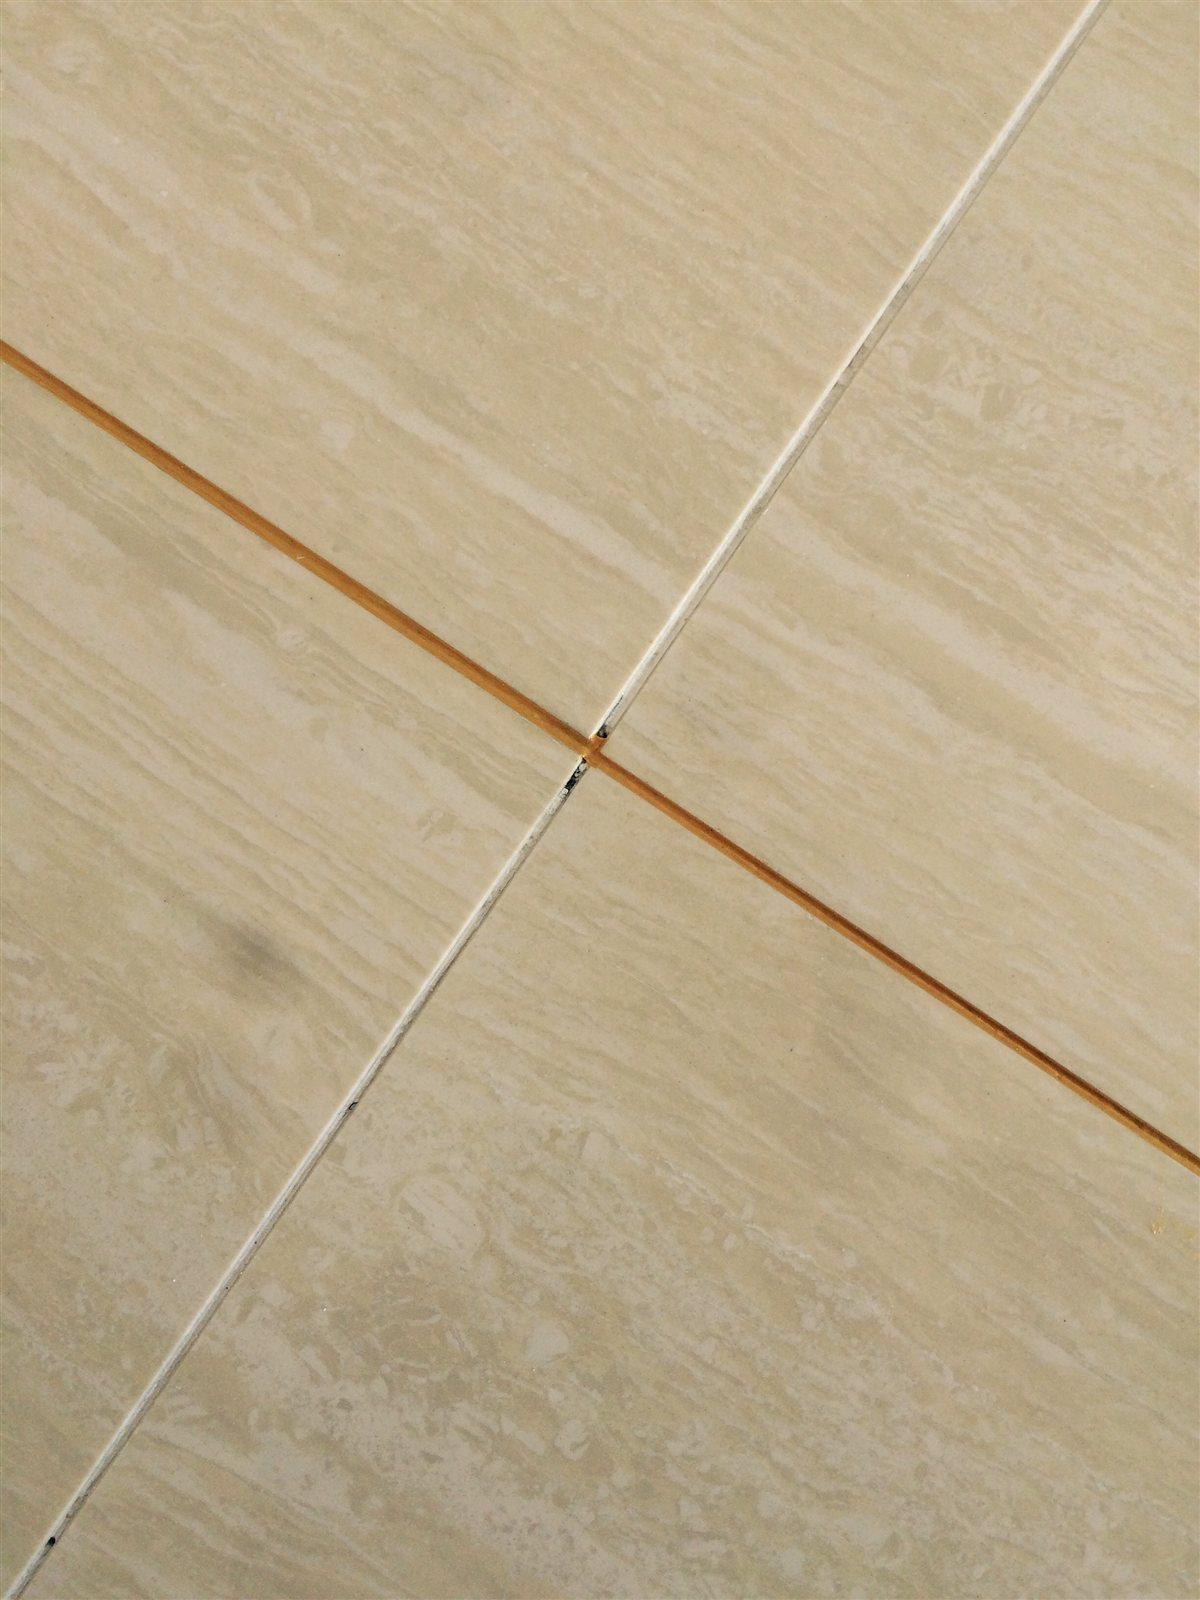 地板瓷砖美缝怎么做